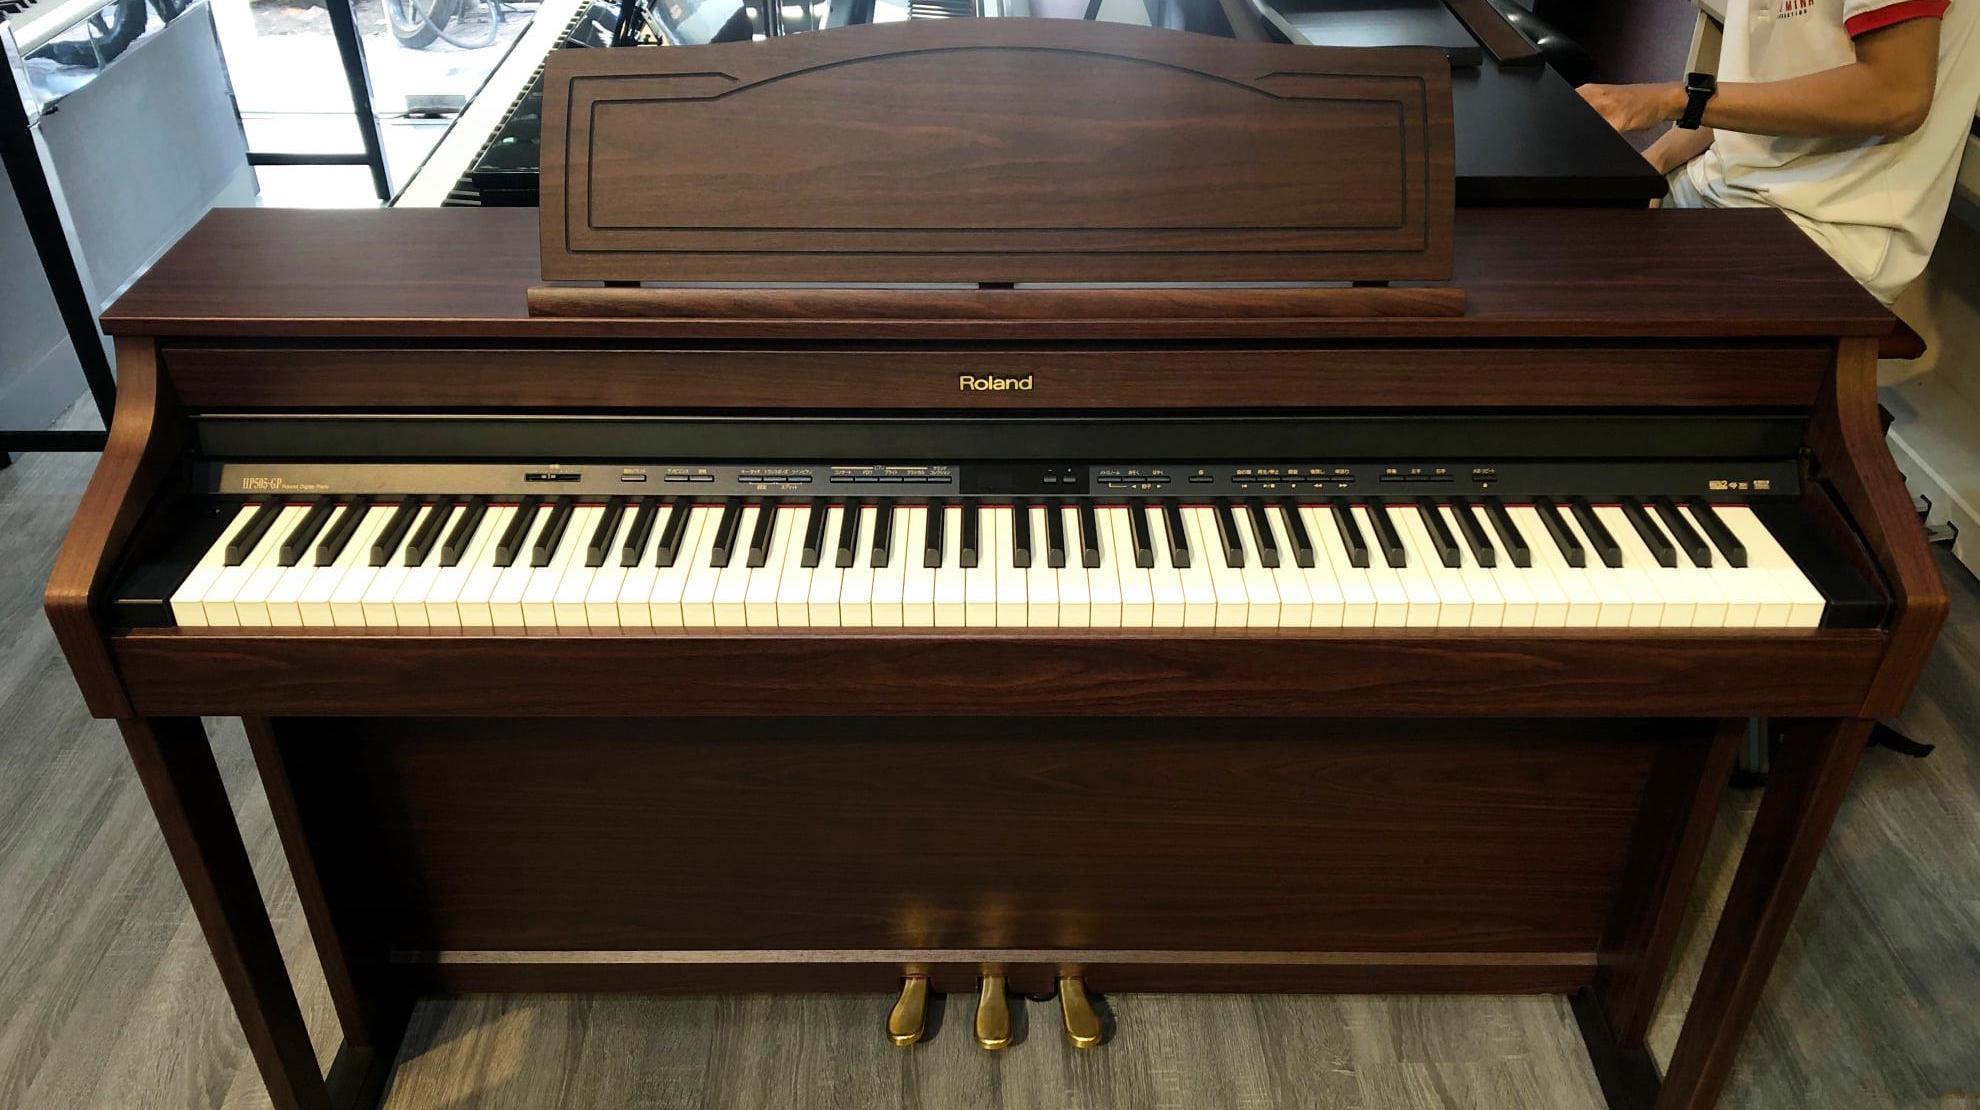 moi-hoc-nen-mua-dan-piano-dien-gia-bao-nhieu-roland-hp-305